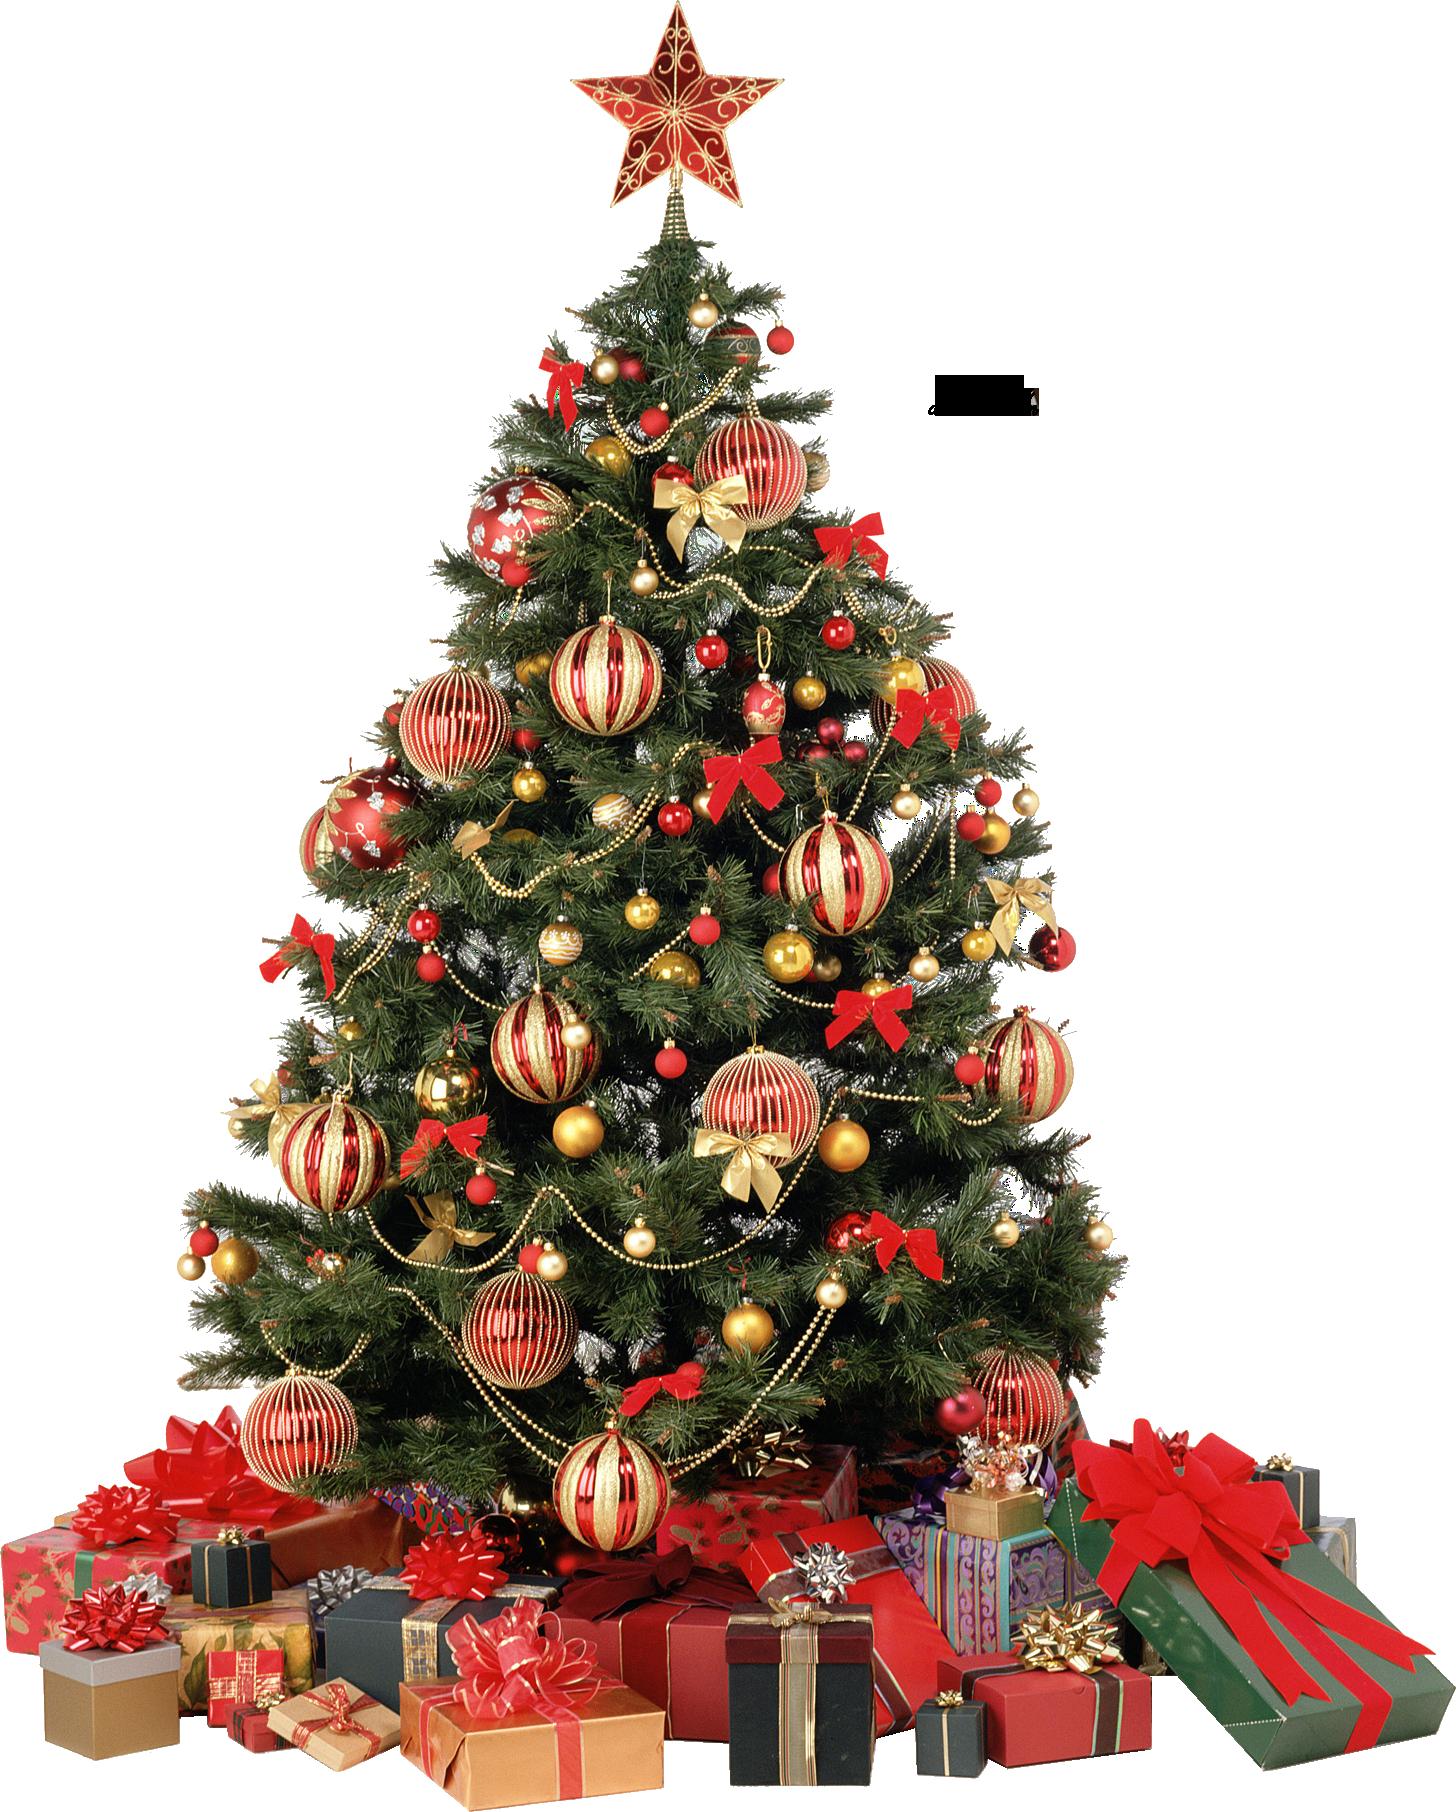 PNG File Name: Christmas Tree PlusPng.com  - Christmas Tree PNG